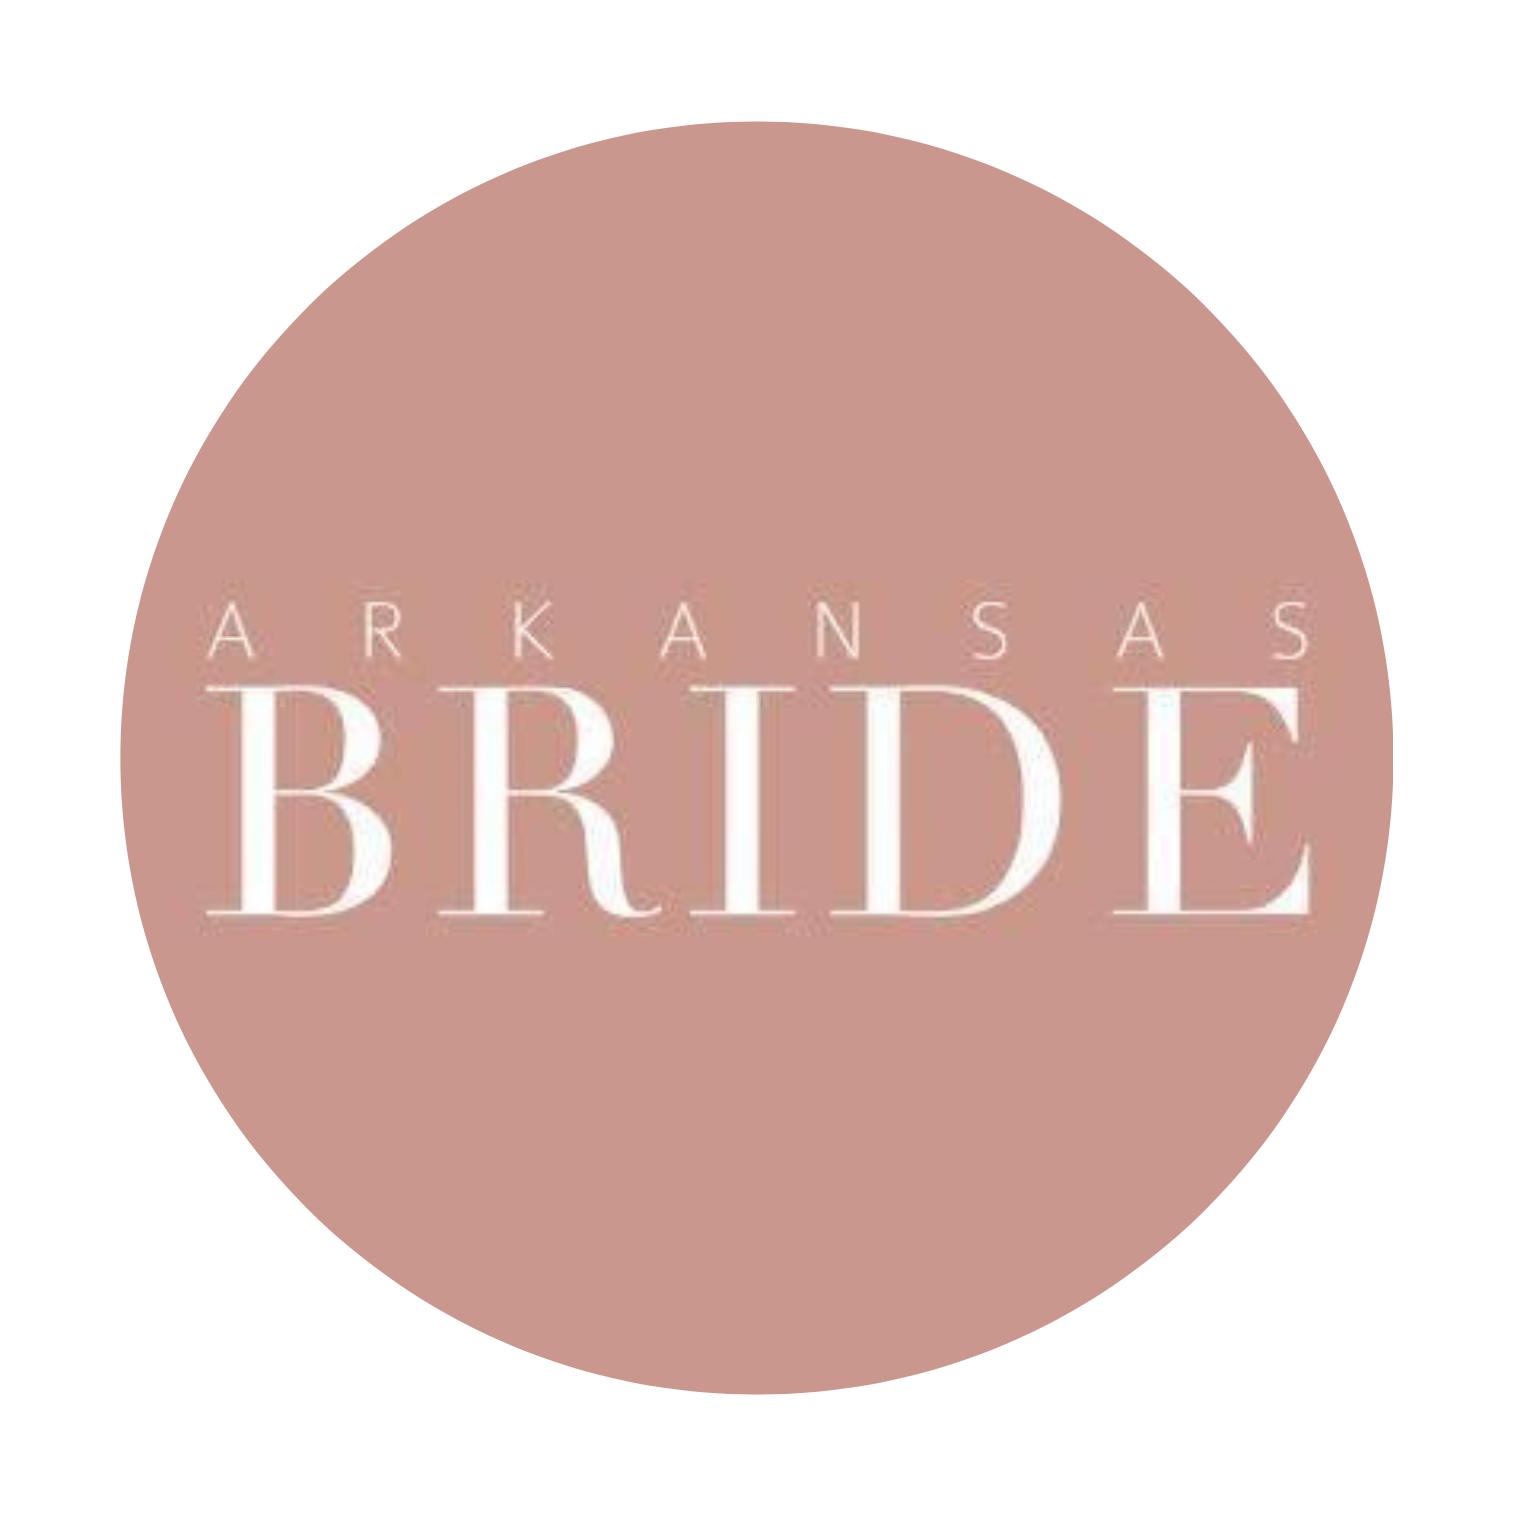 Featured in Arkansas Bride